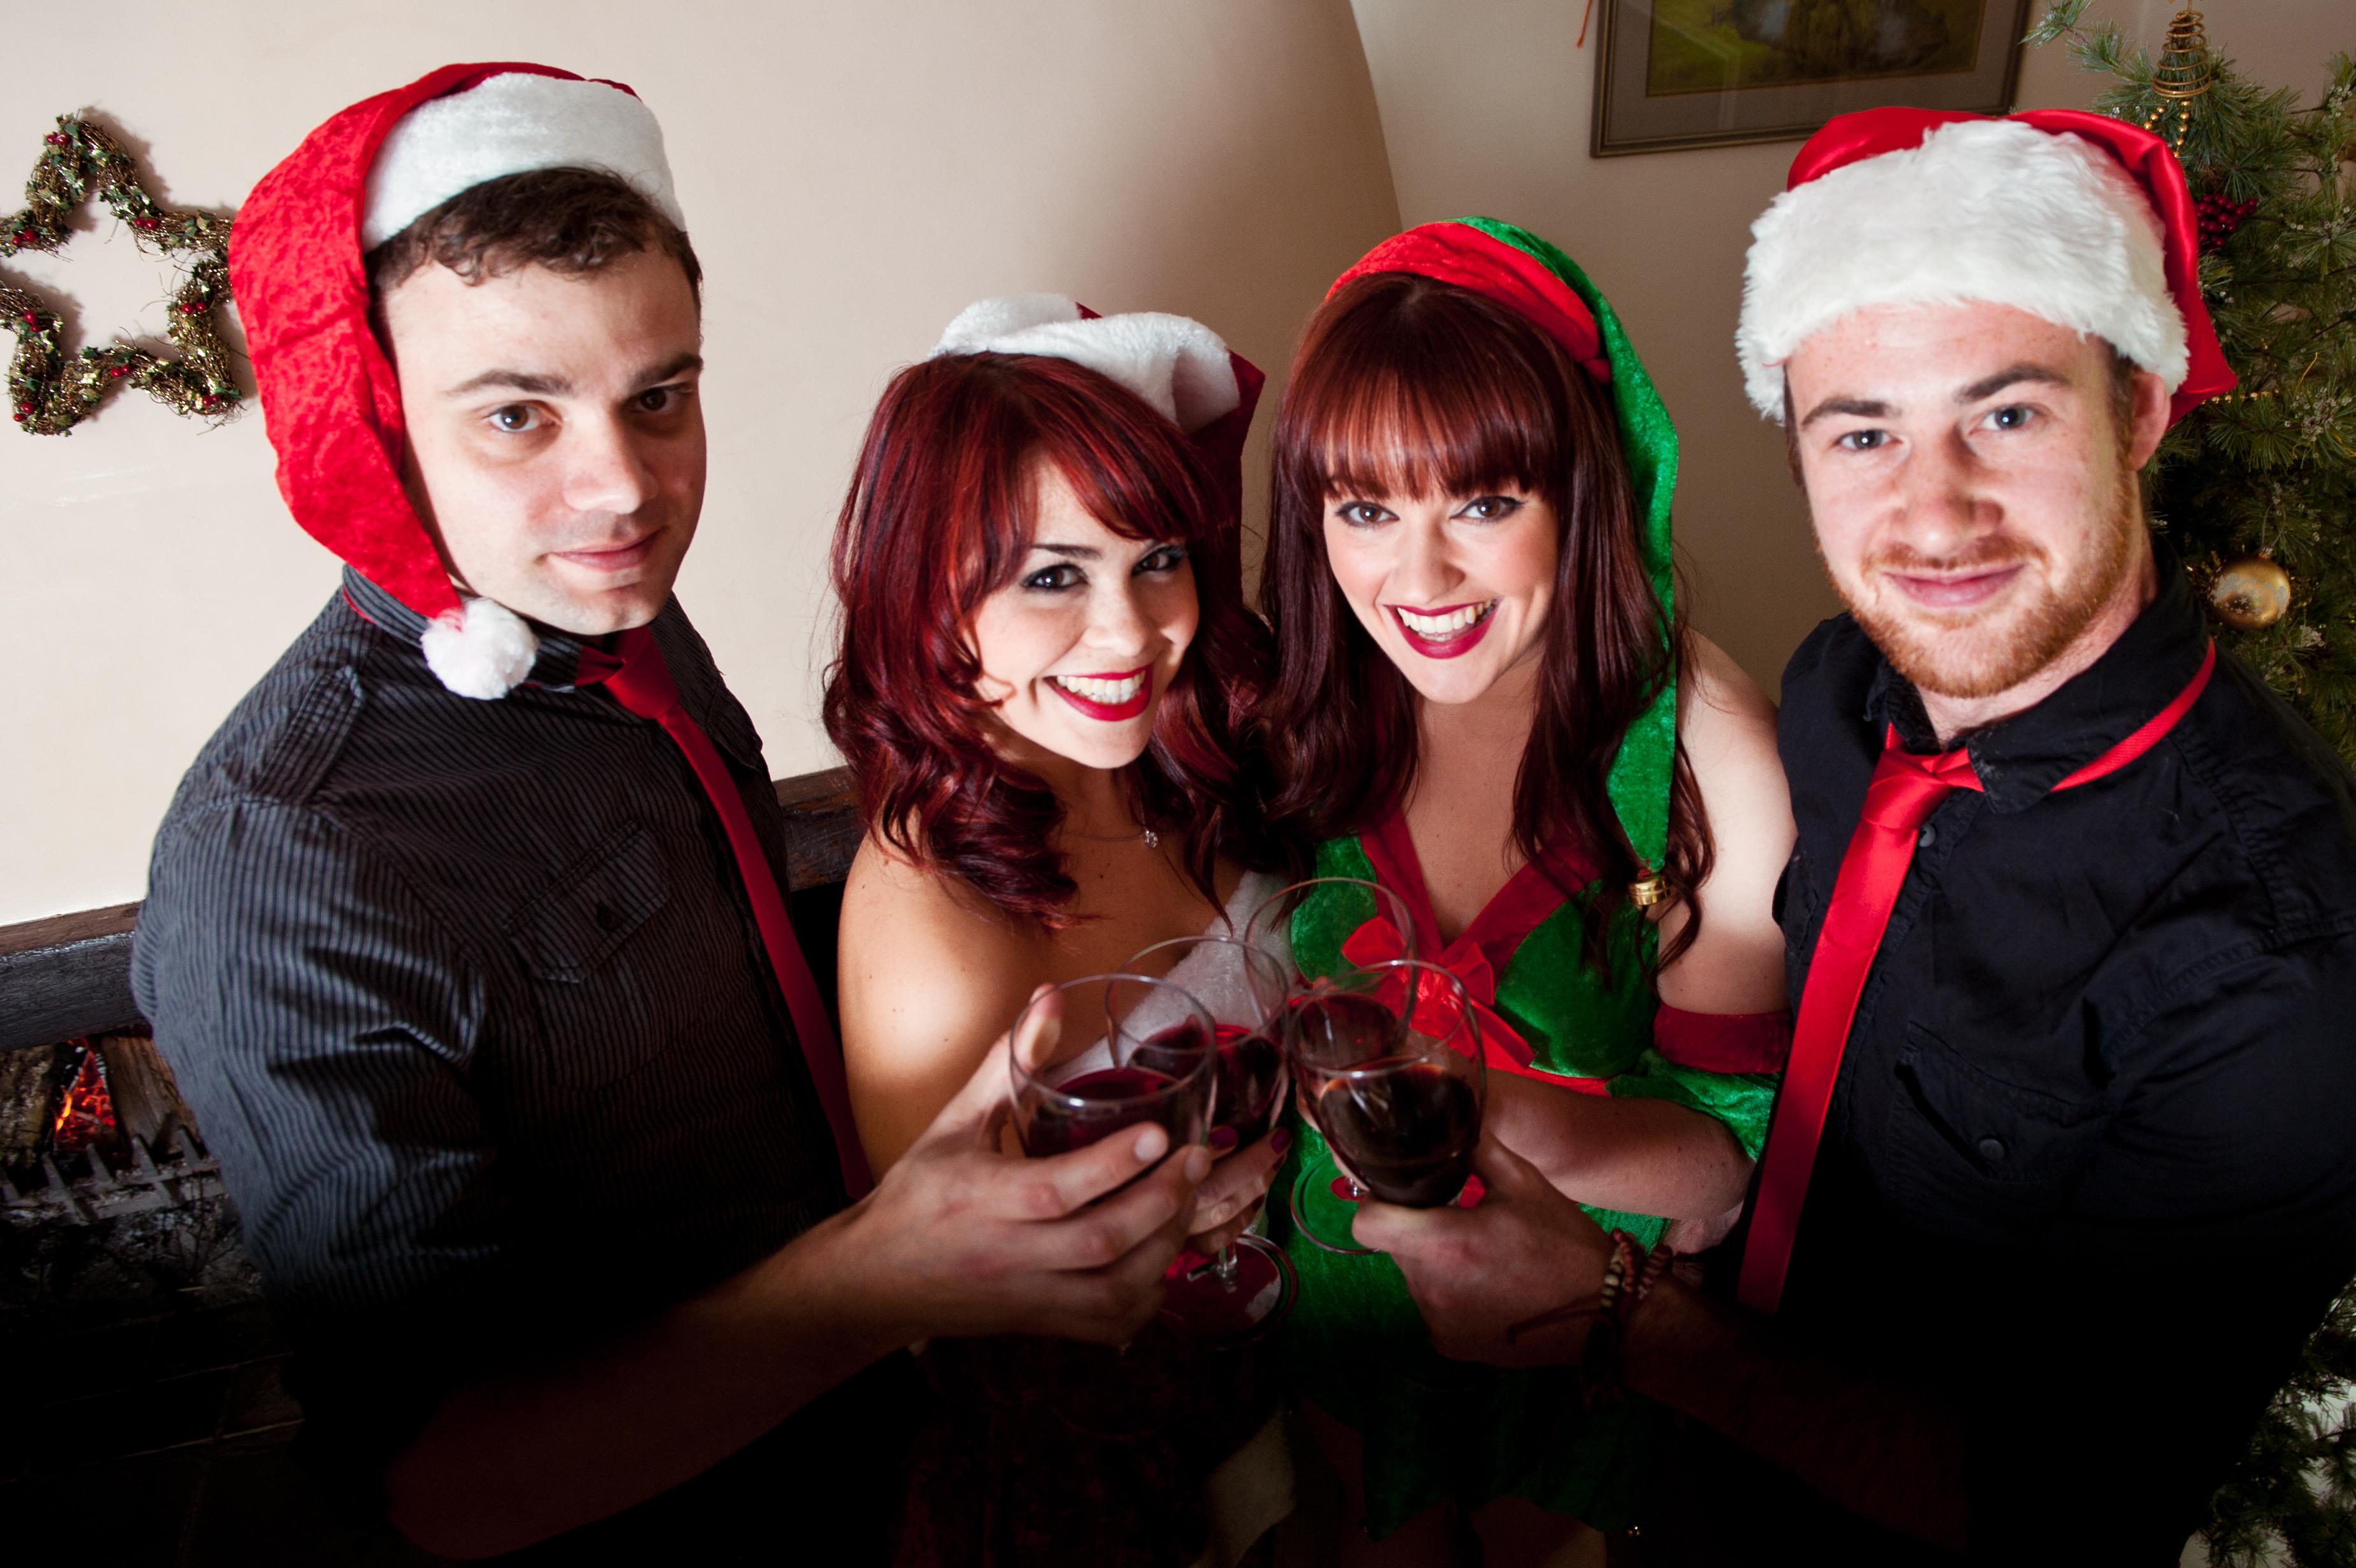 Crazy Christmas Band pic 6